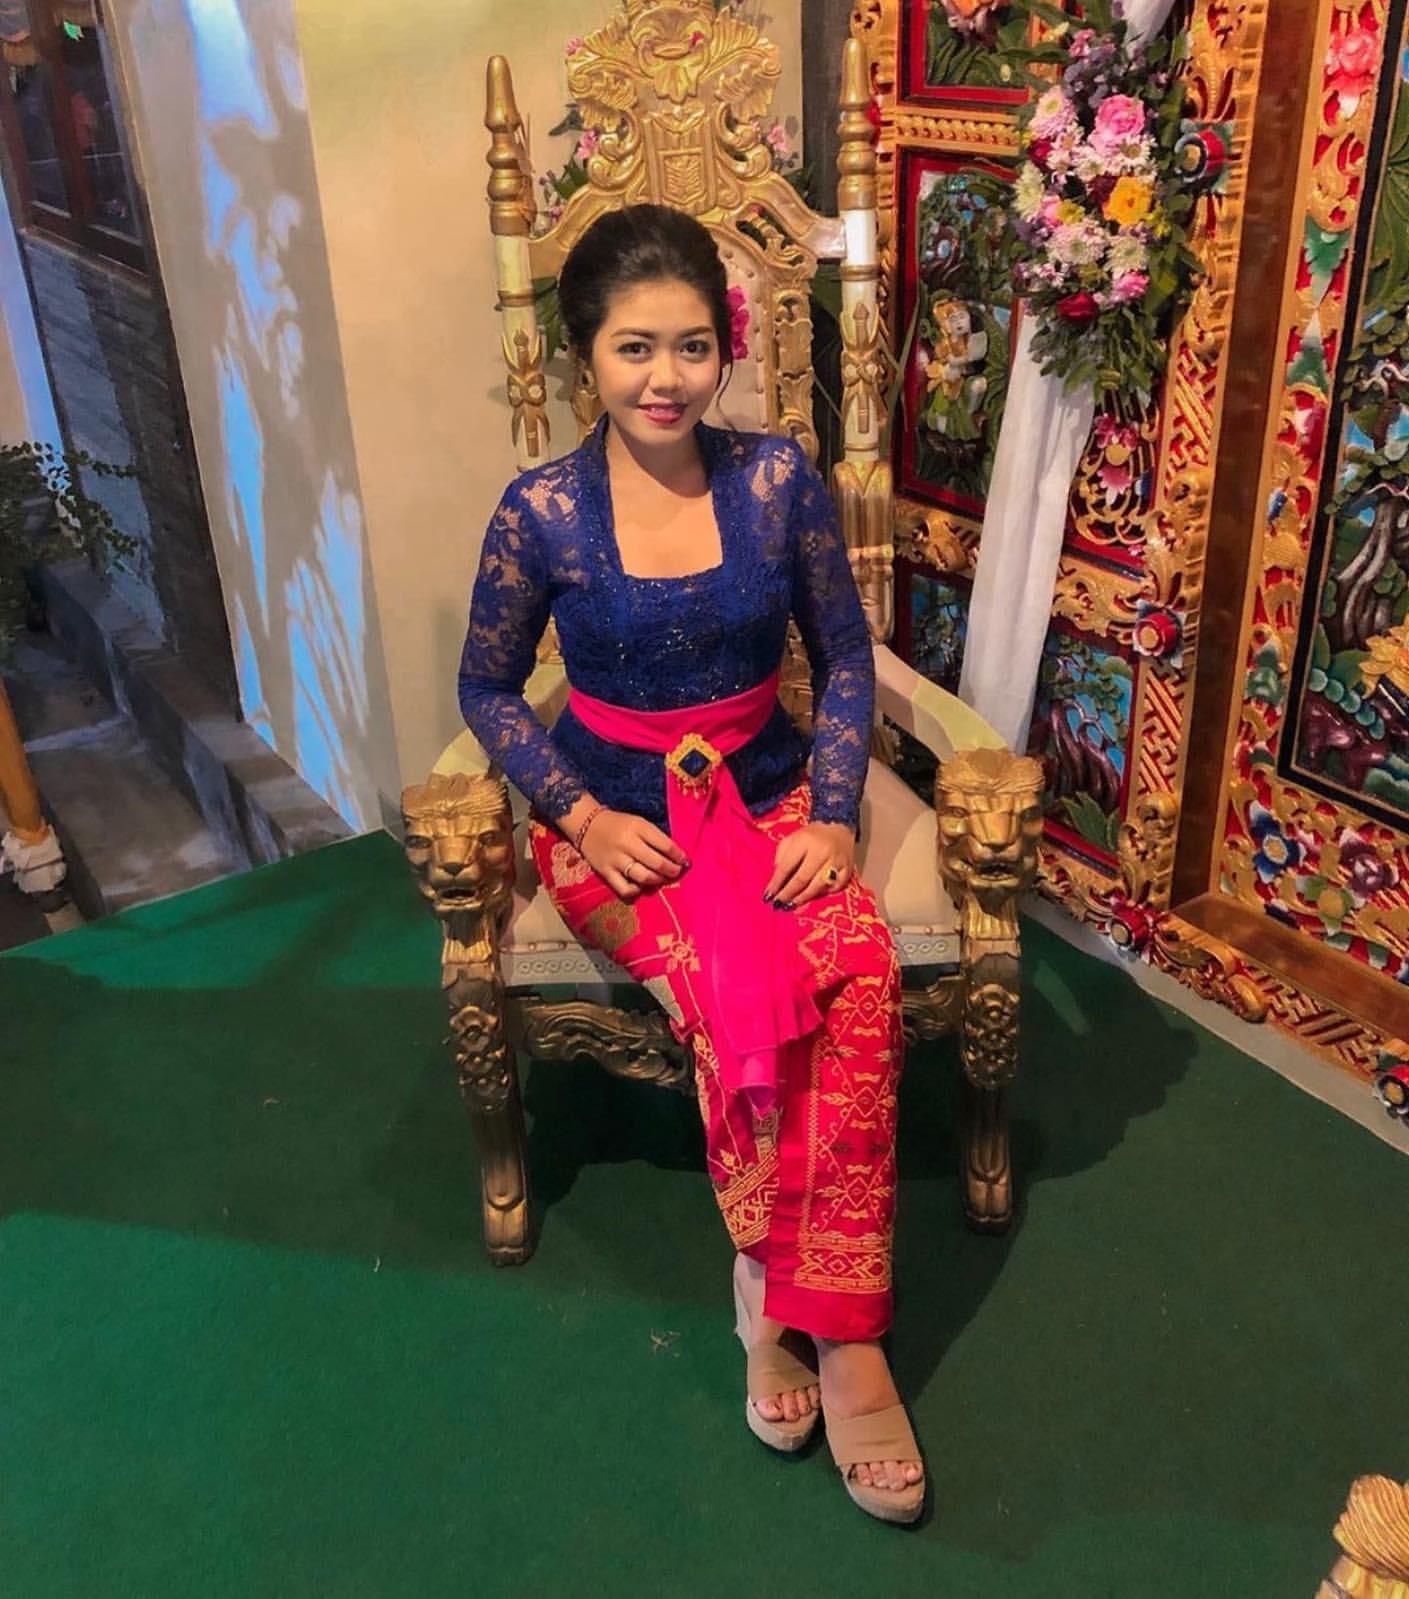 Foto Kebaya Bali Terbaru